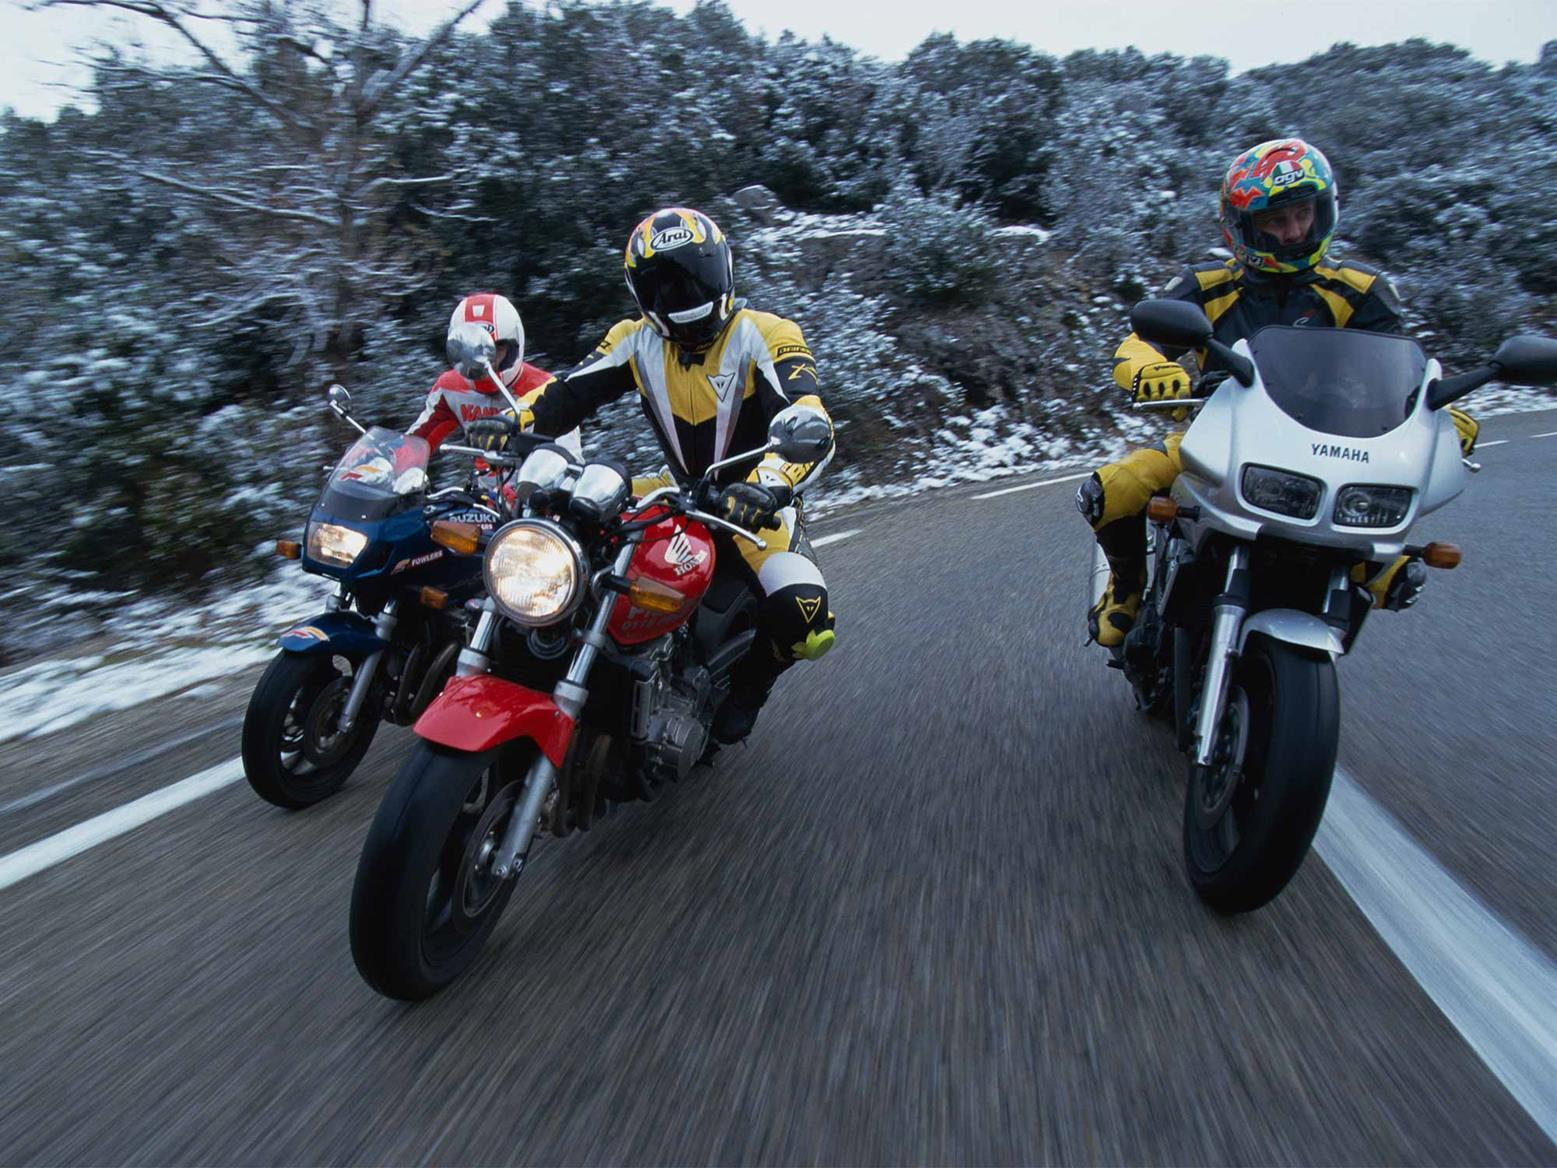 The Honda CB600F with Yamaha and Suzuki rivals